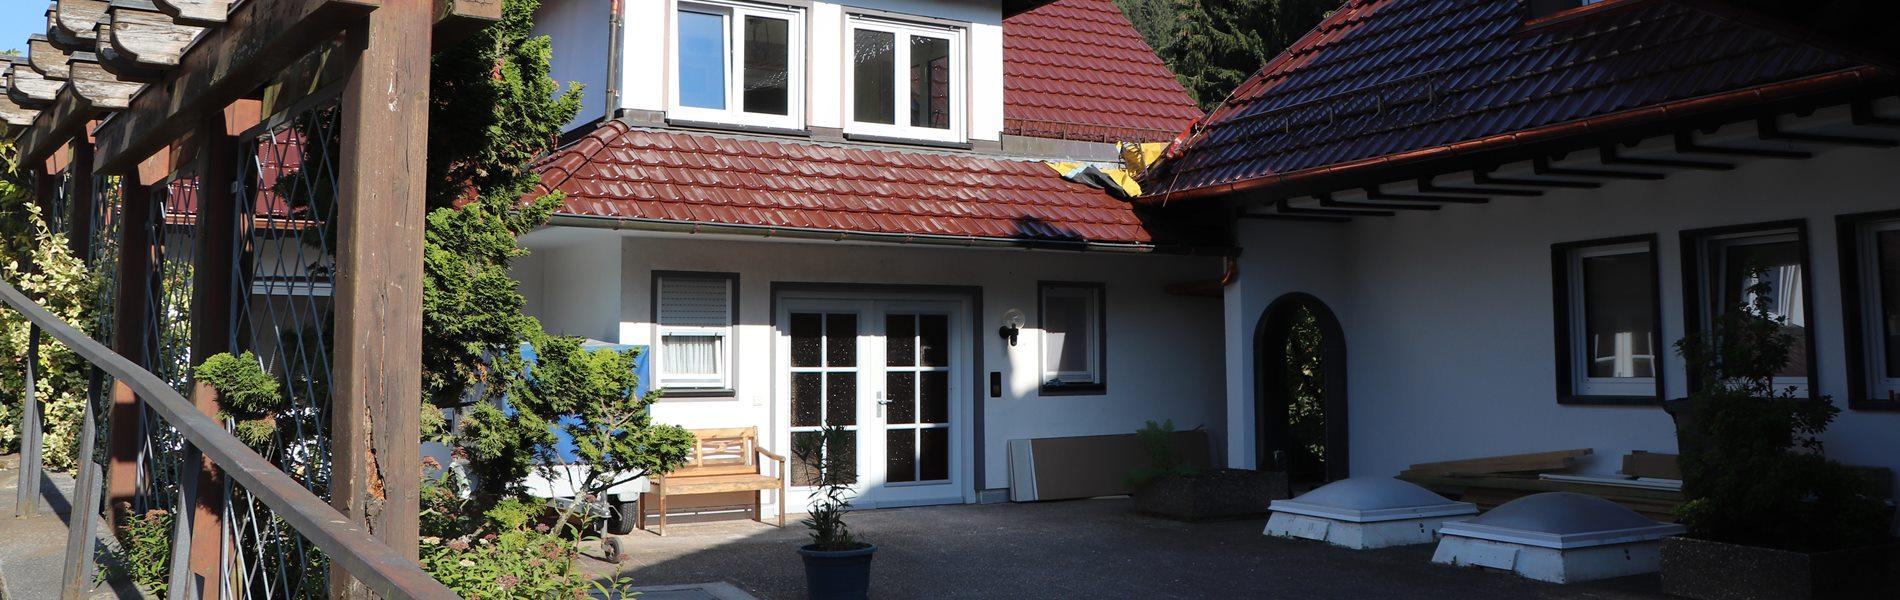 wohnung-neun-sommer-wohnpark-schwarzwald